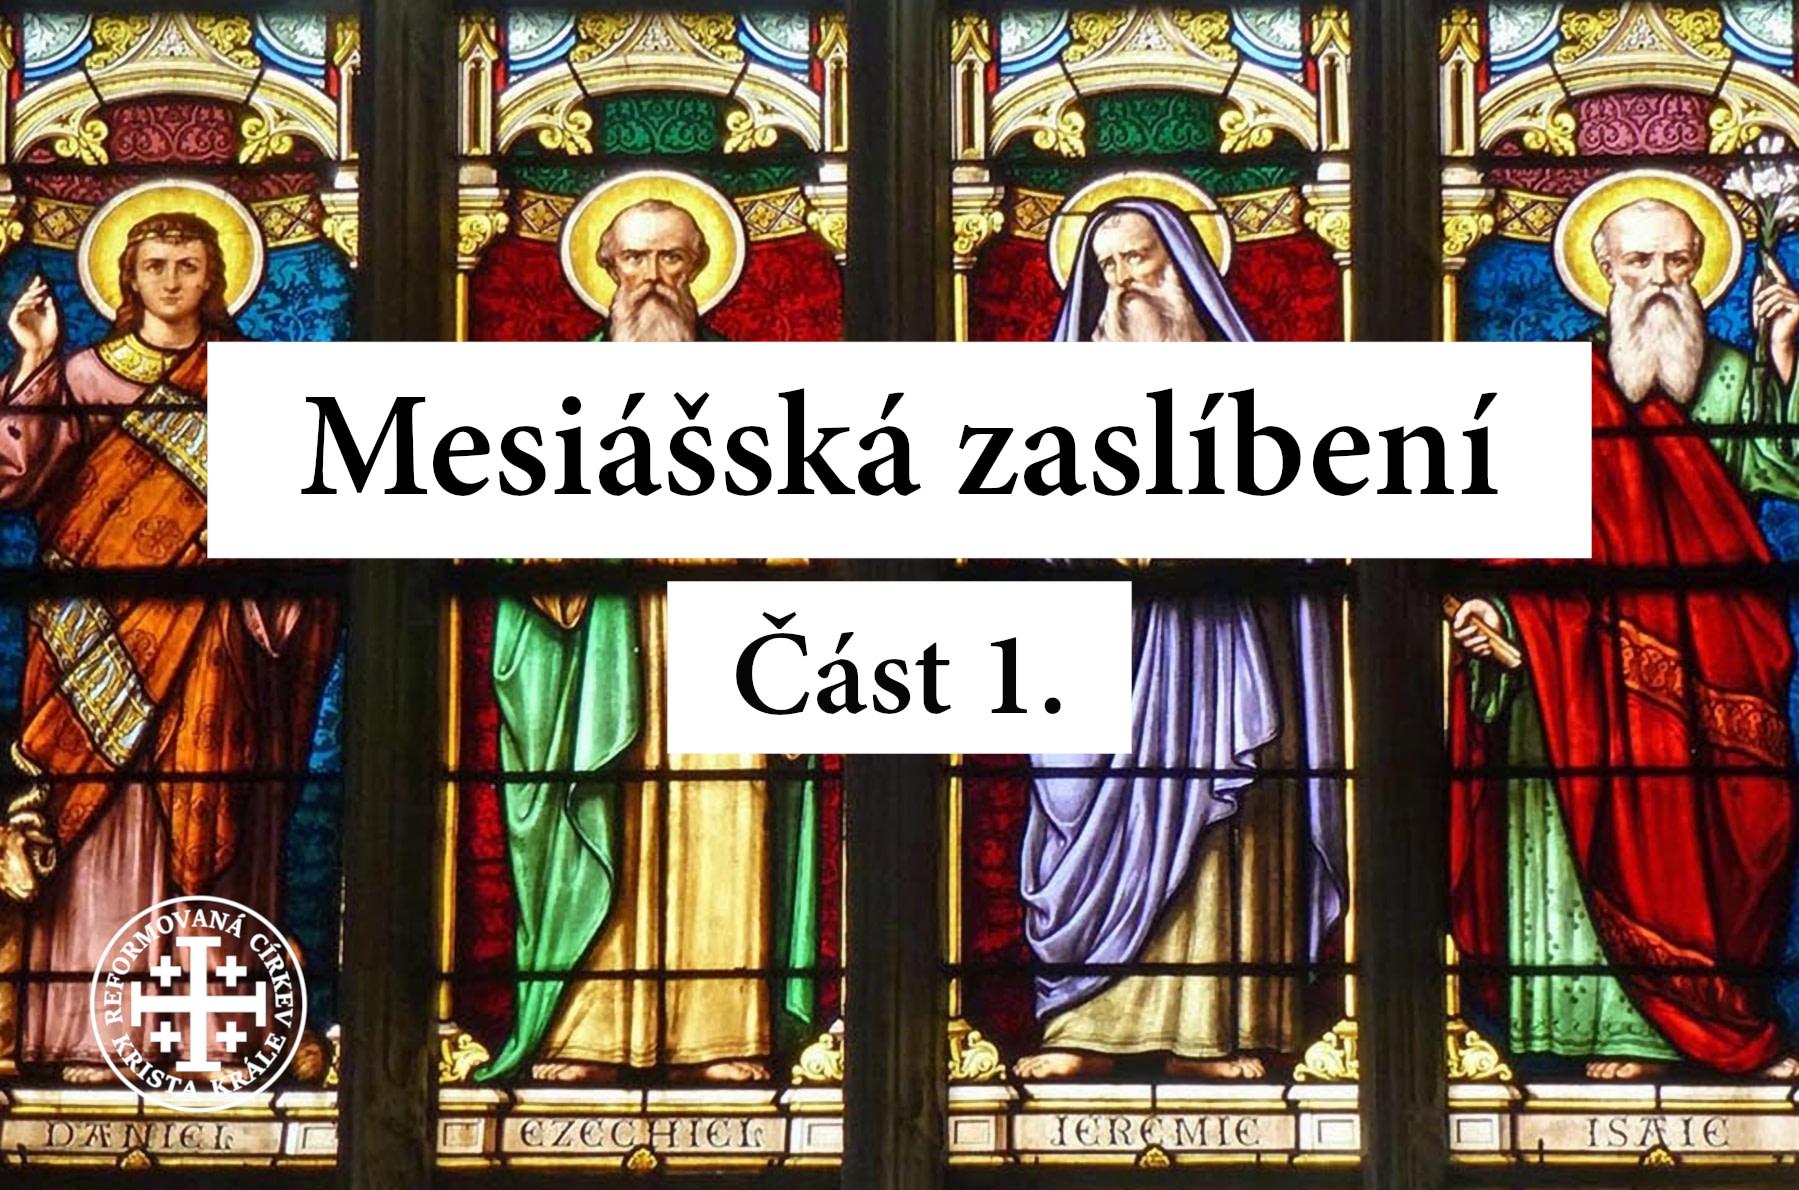 Mesiášská zaslíbení (Část 1.)